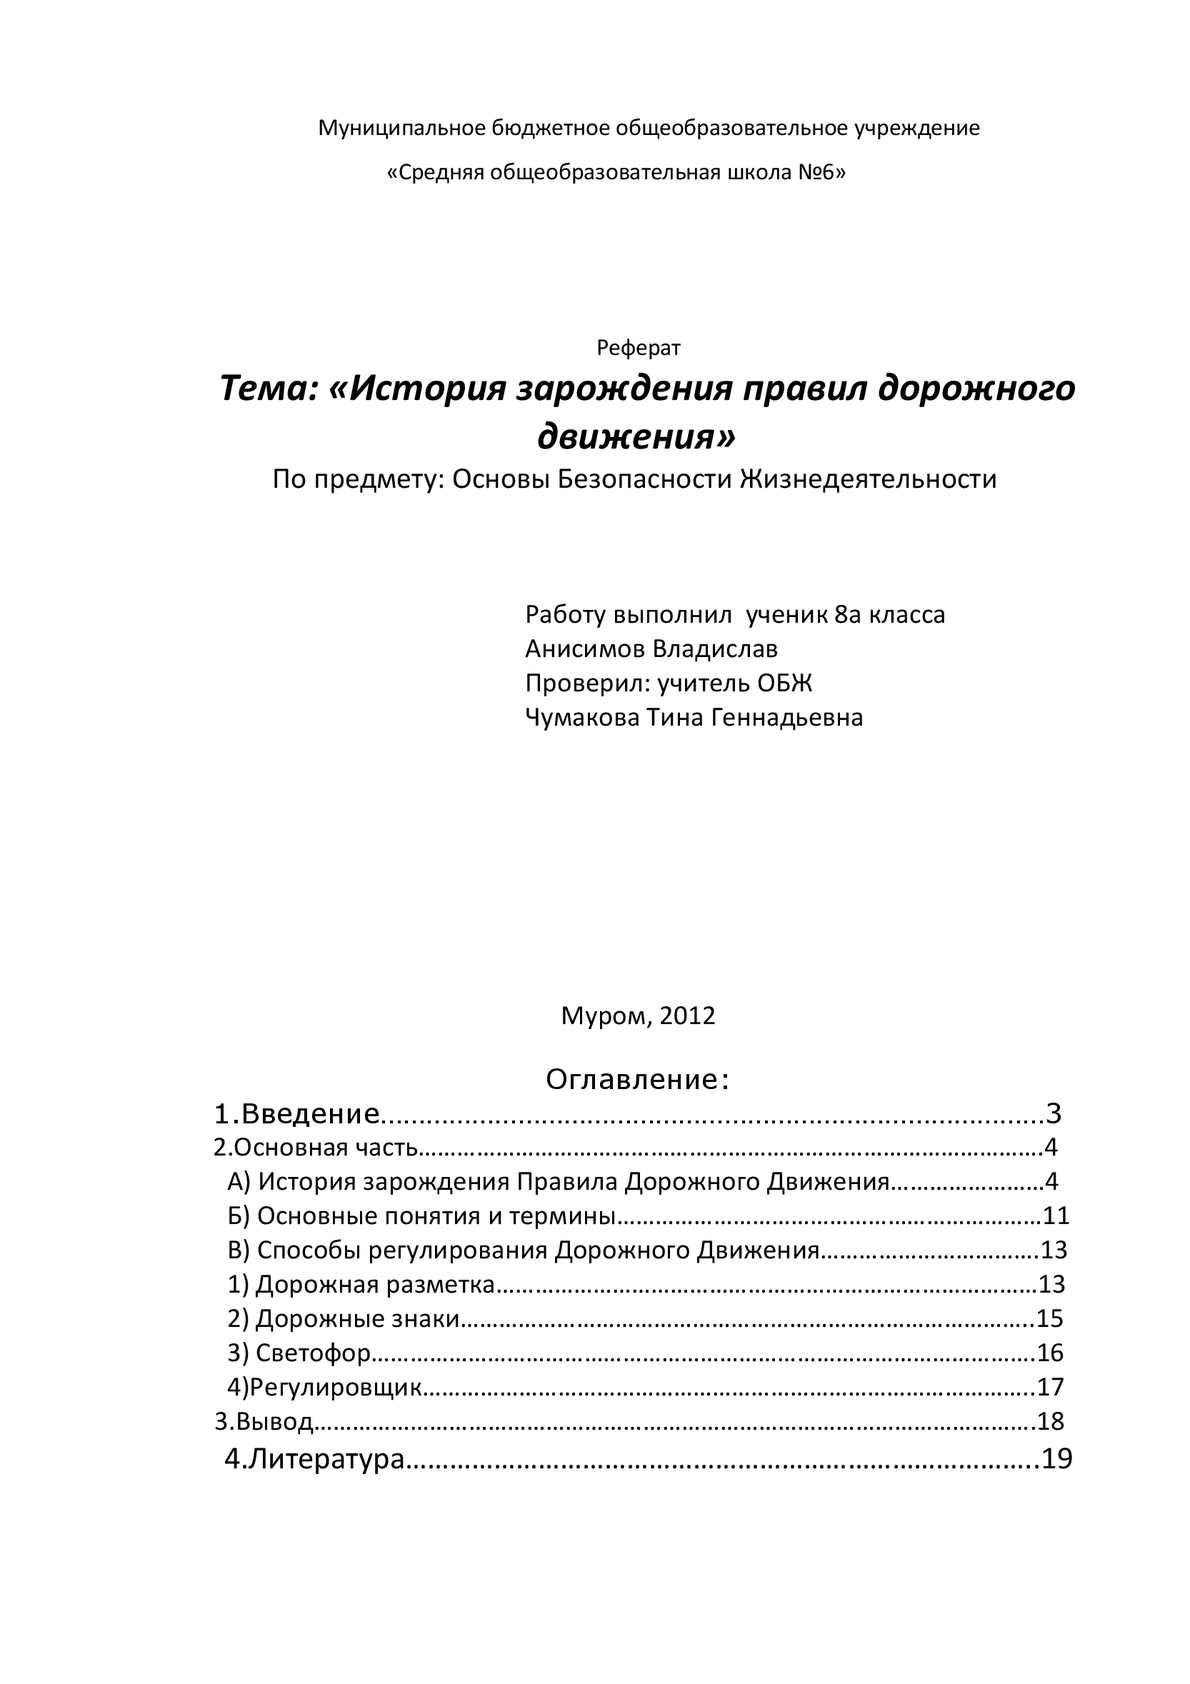 Реферат история пдд в россии 9605